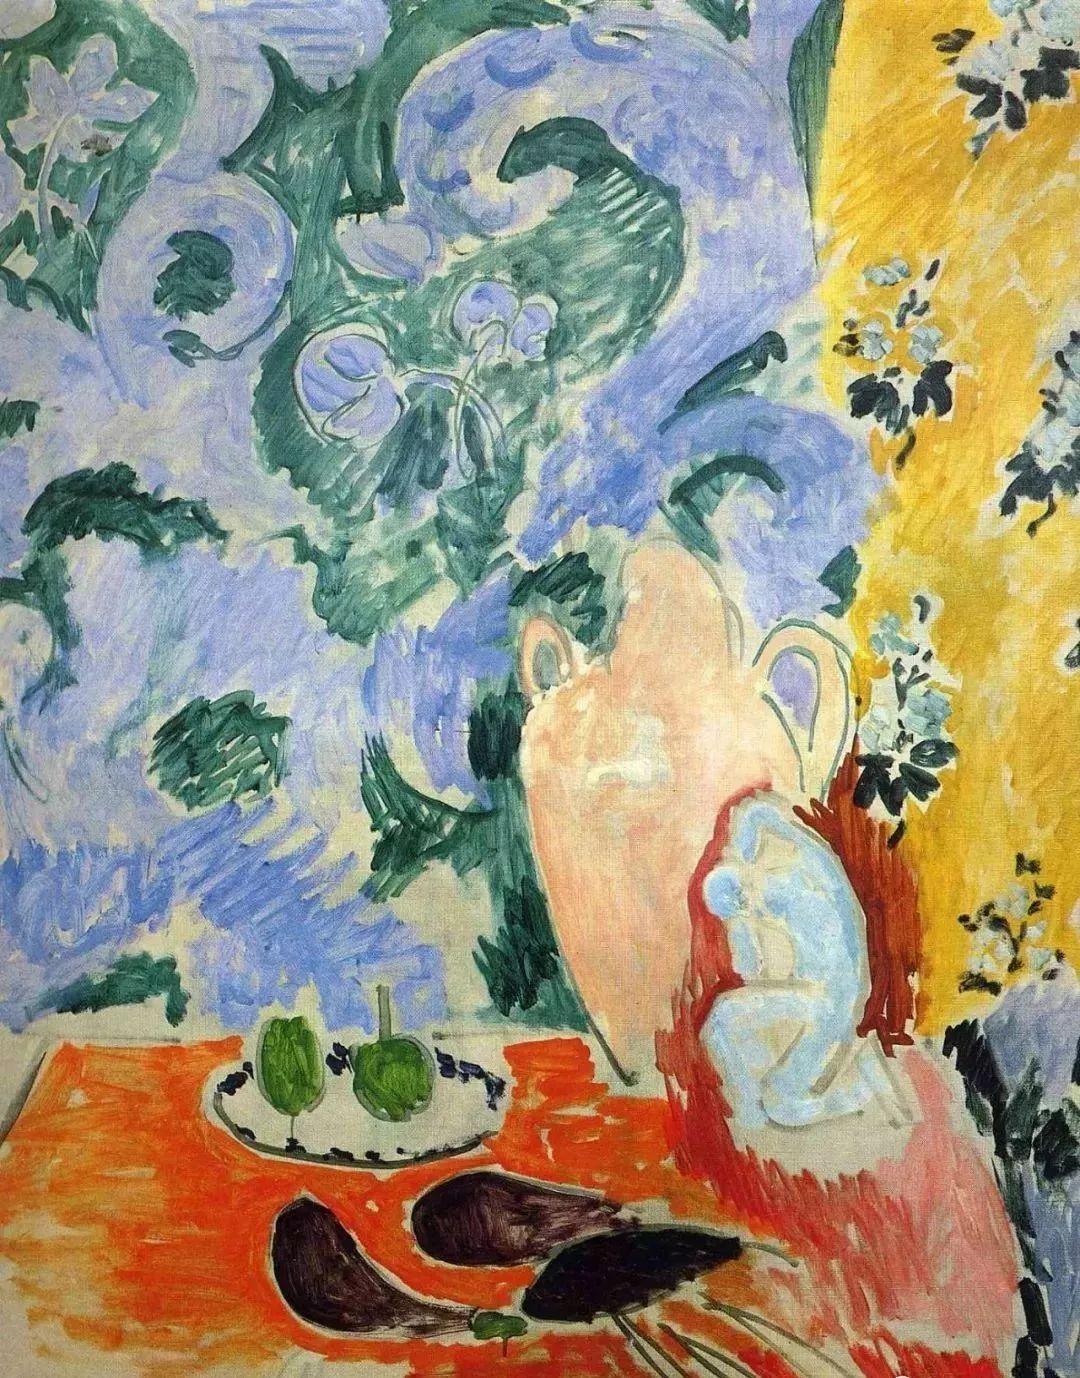 与毕加索并称为20世纪世界美术的两座高峰!马蒂斯静物作品集,震撼出炉!插图74